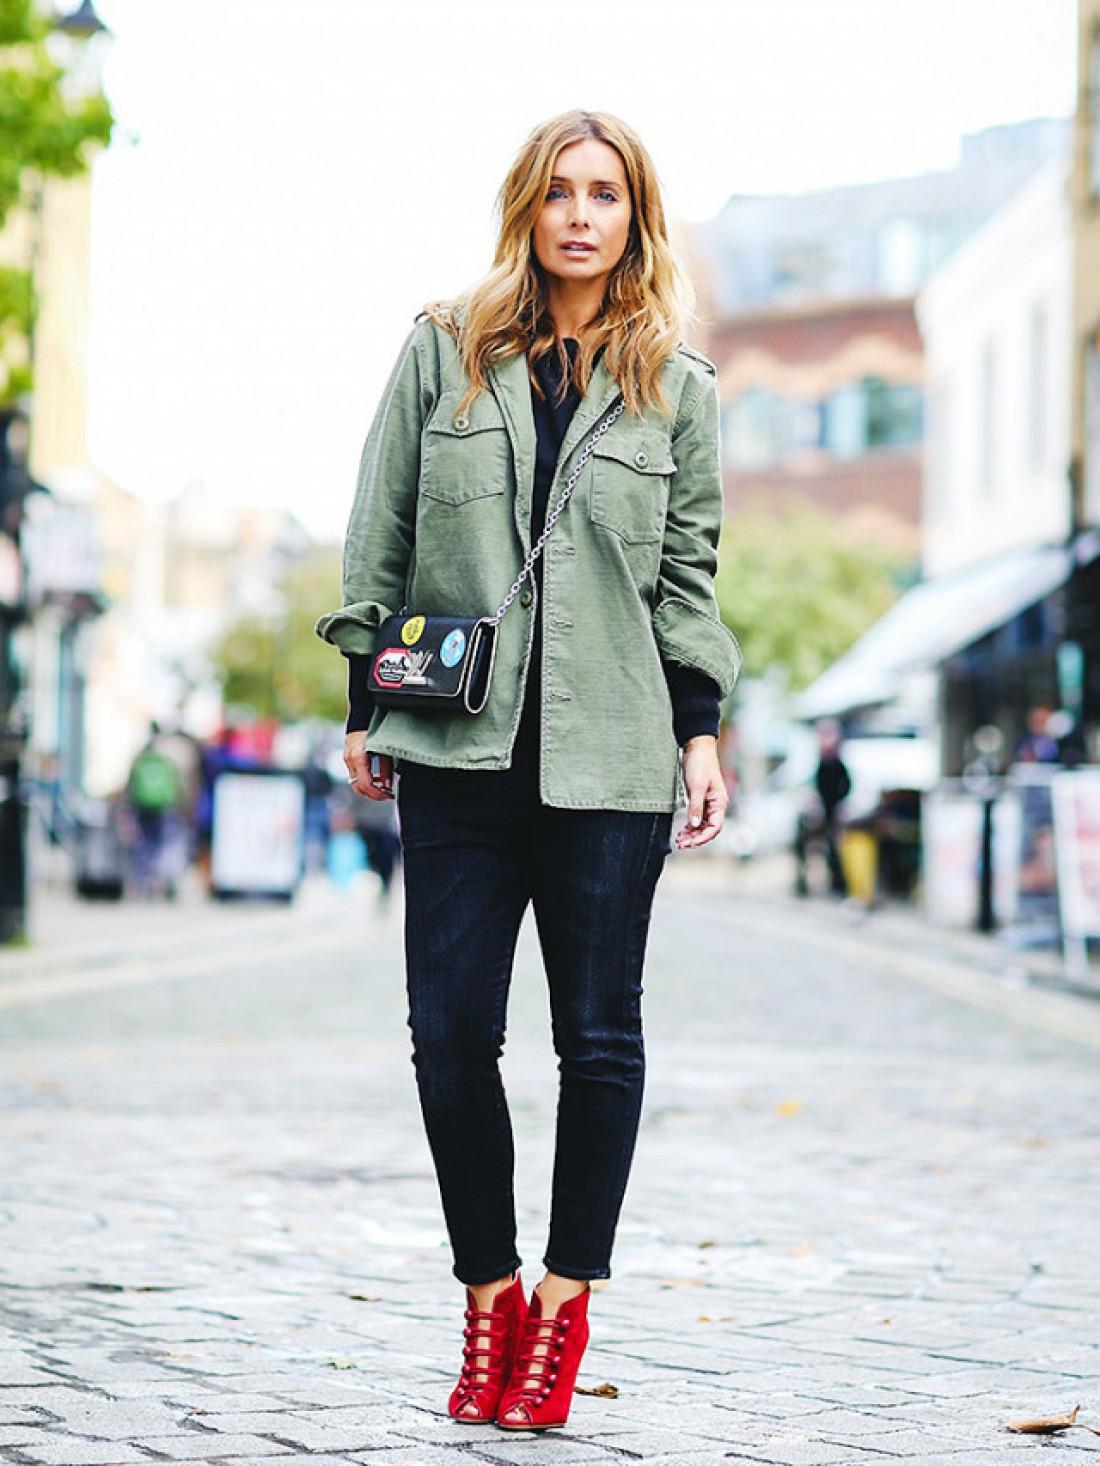 мода весна лето 2018 для женщин после 30: темные джинсы короткие под рубашку зеленую